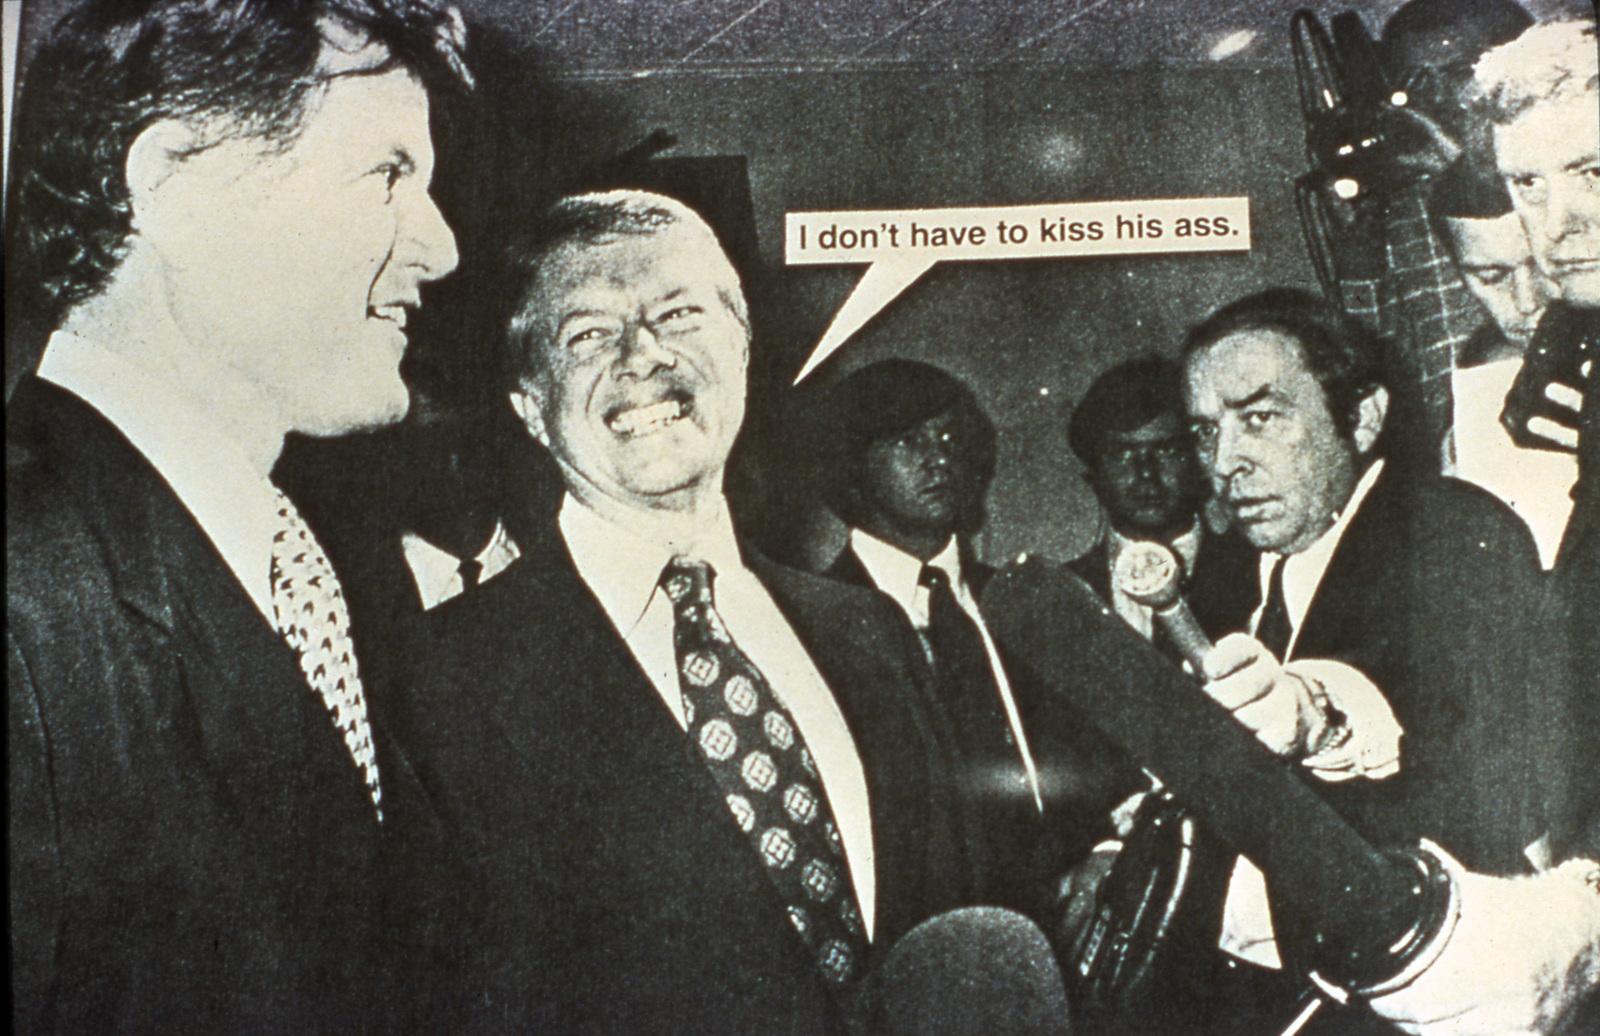 Carter/Kennedy (Kiss Ass) image